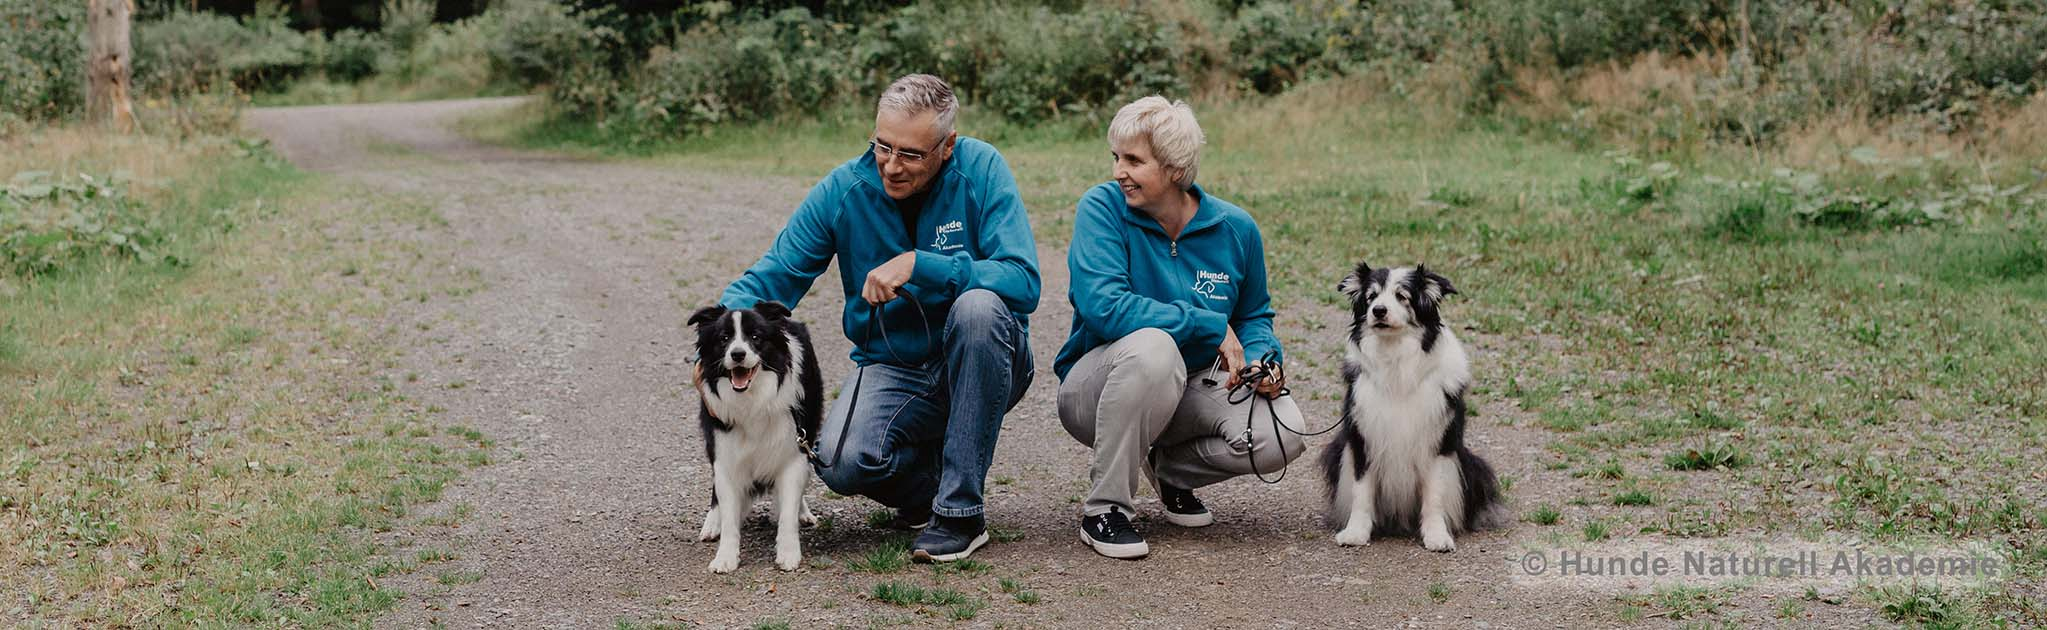 Sabine Zimmermeister Hunde Naturell glücklich